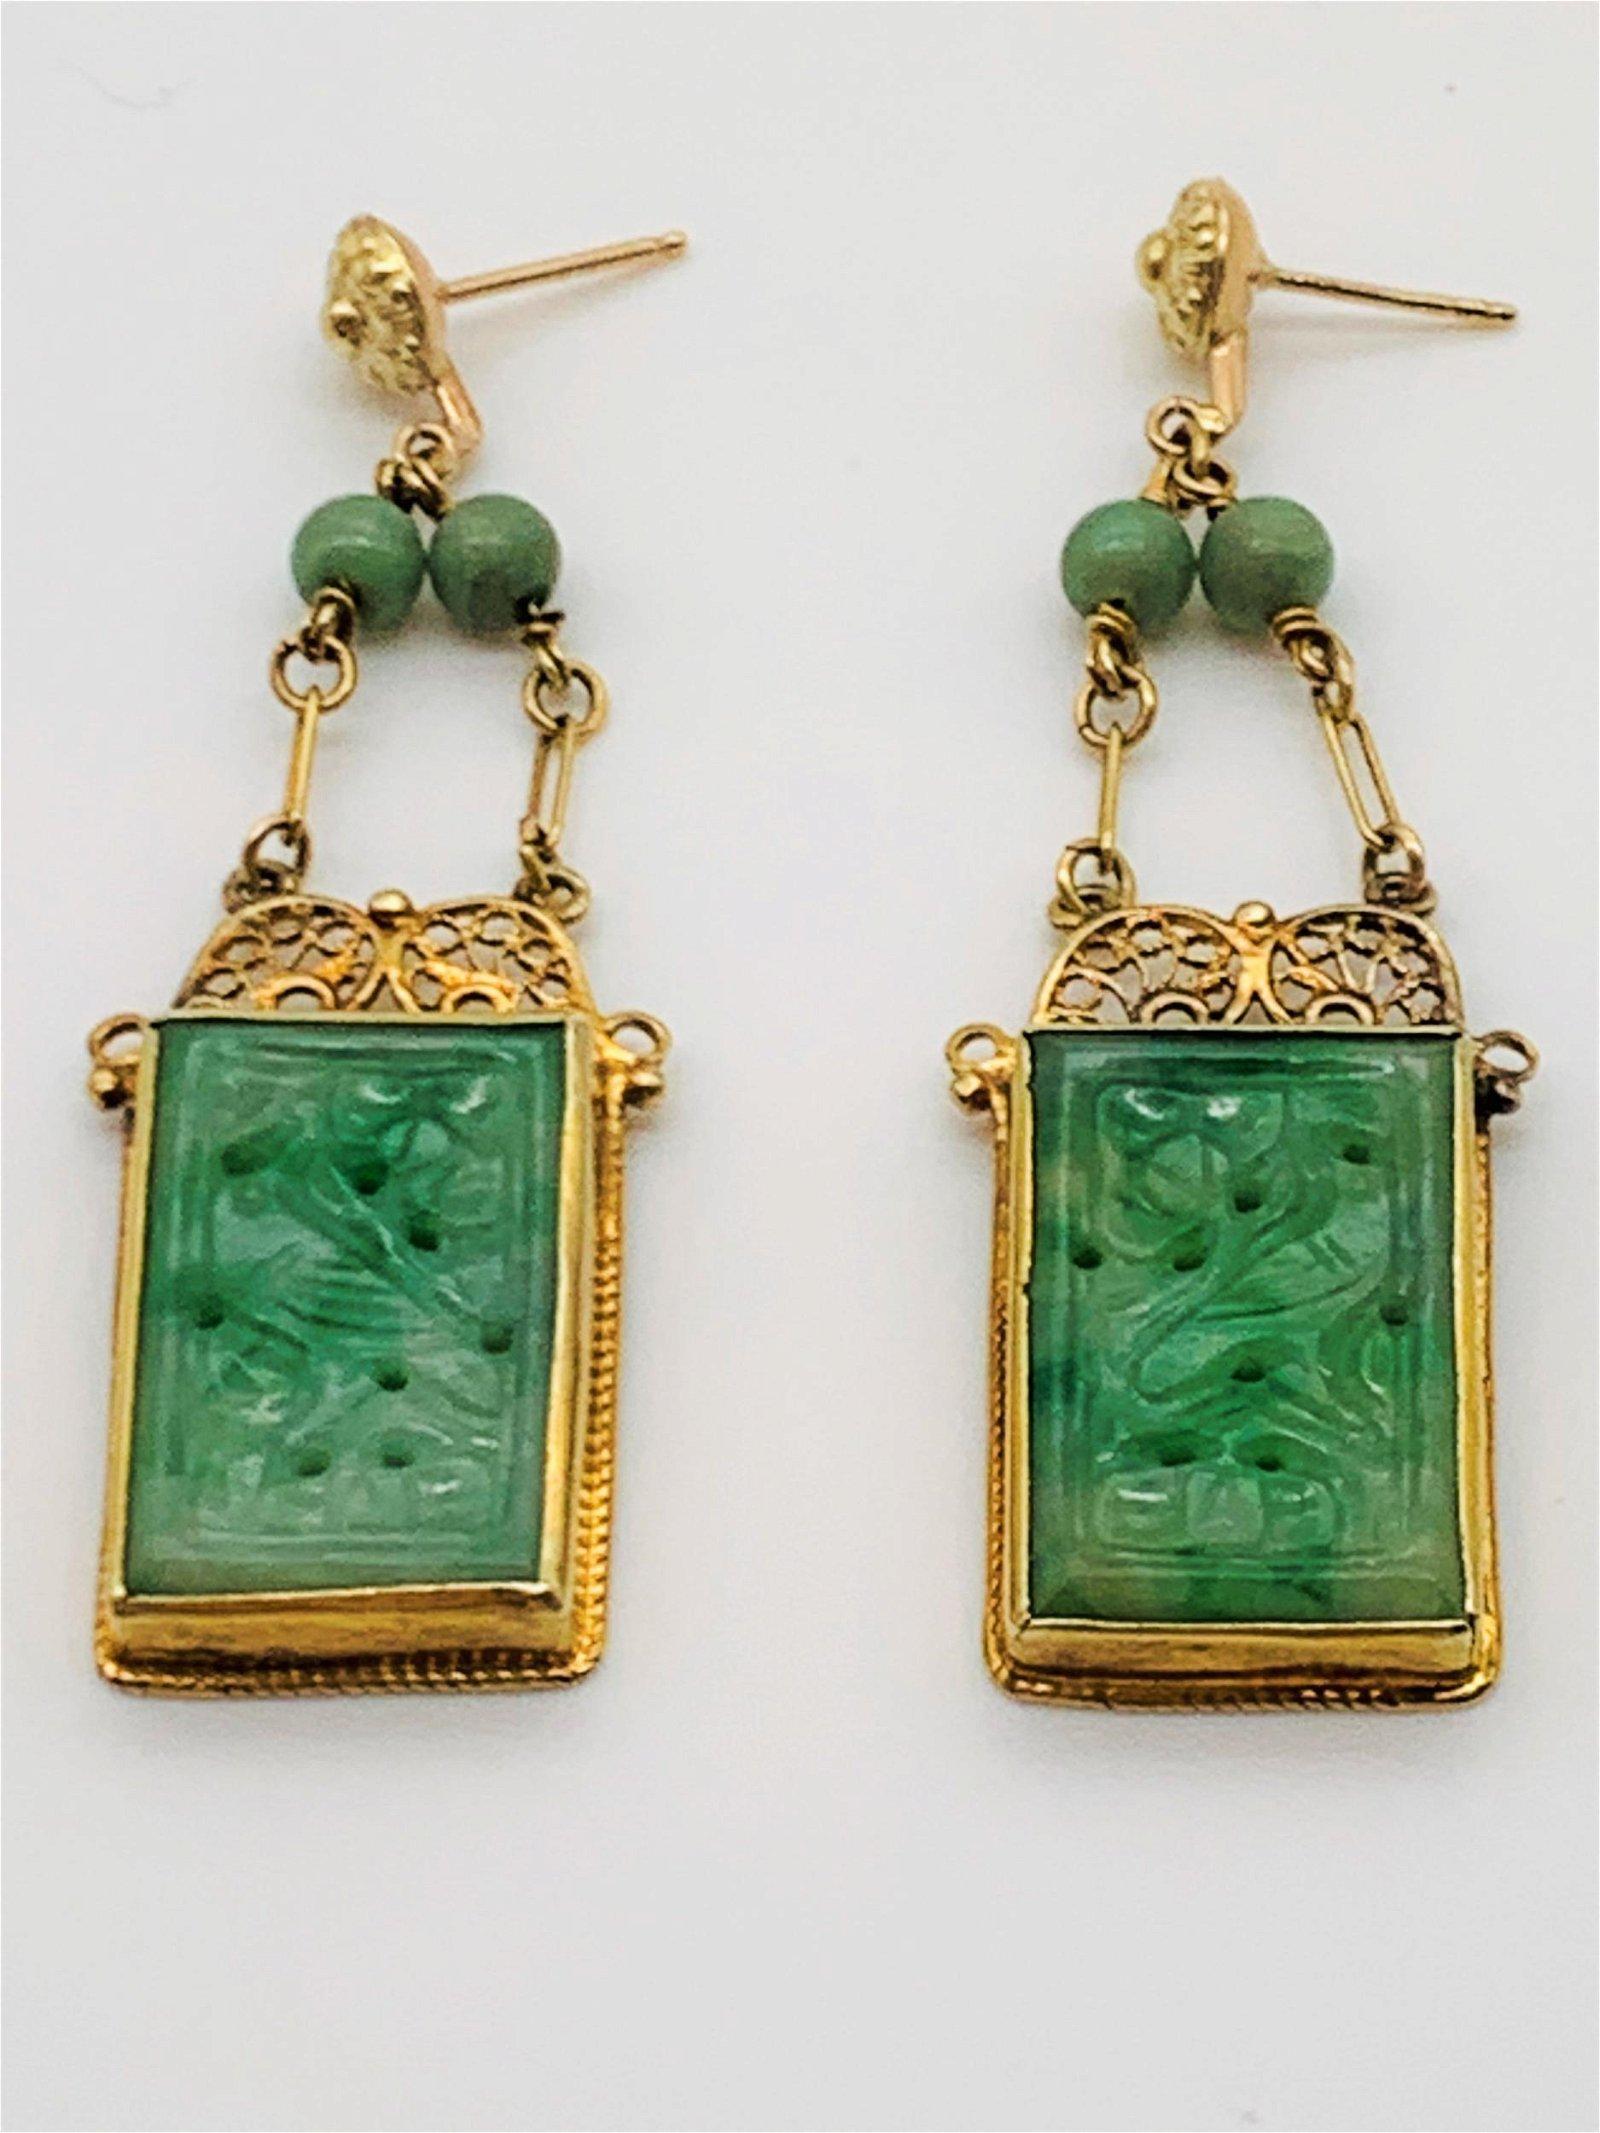 Vintage Carved Jadeite 14K Gold Earrings